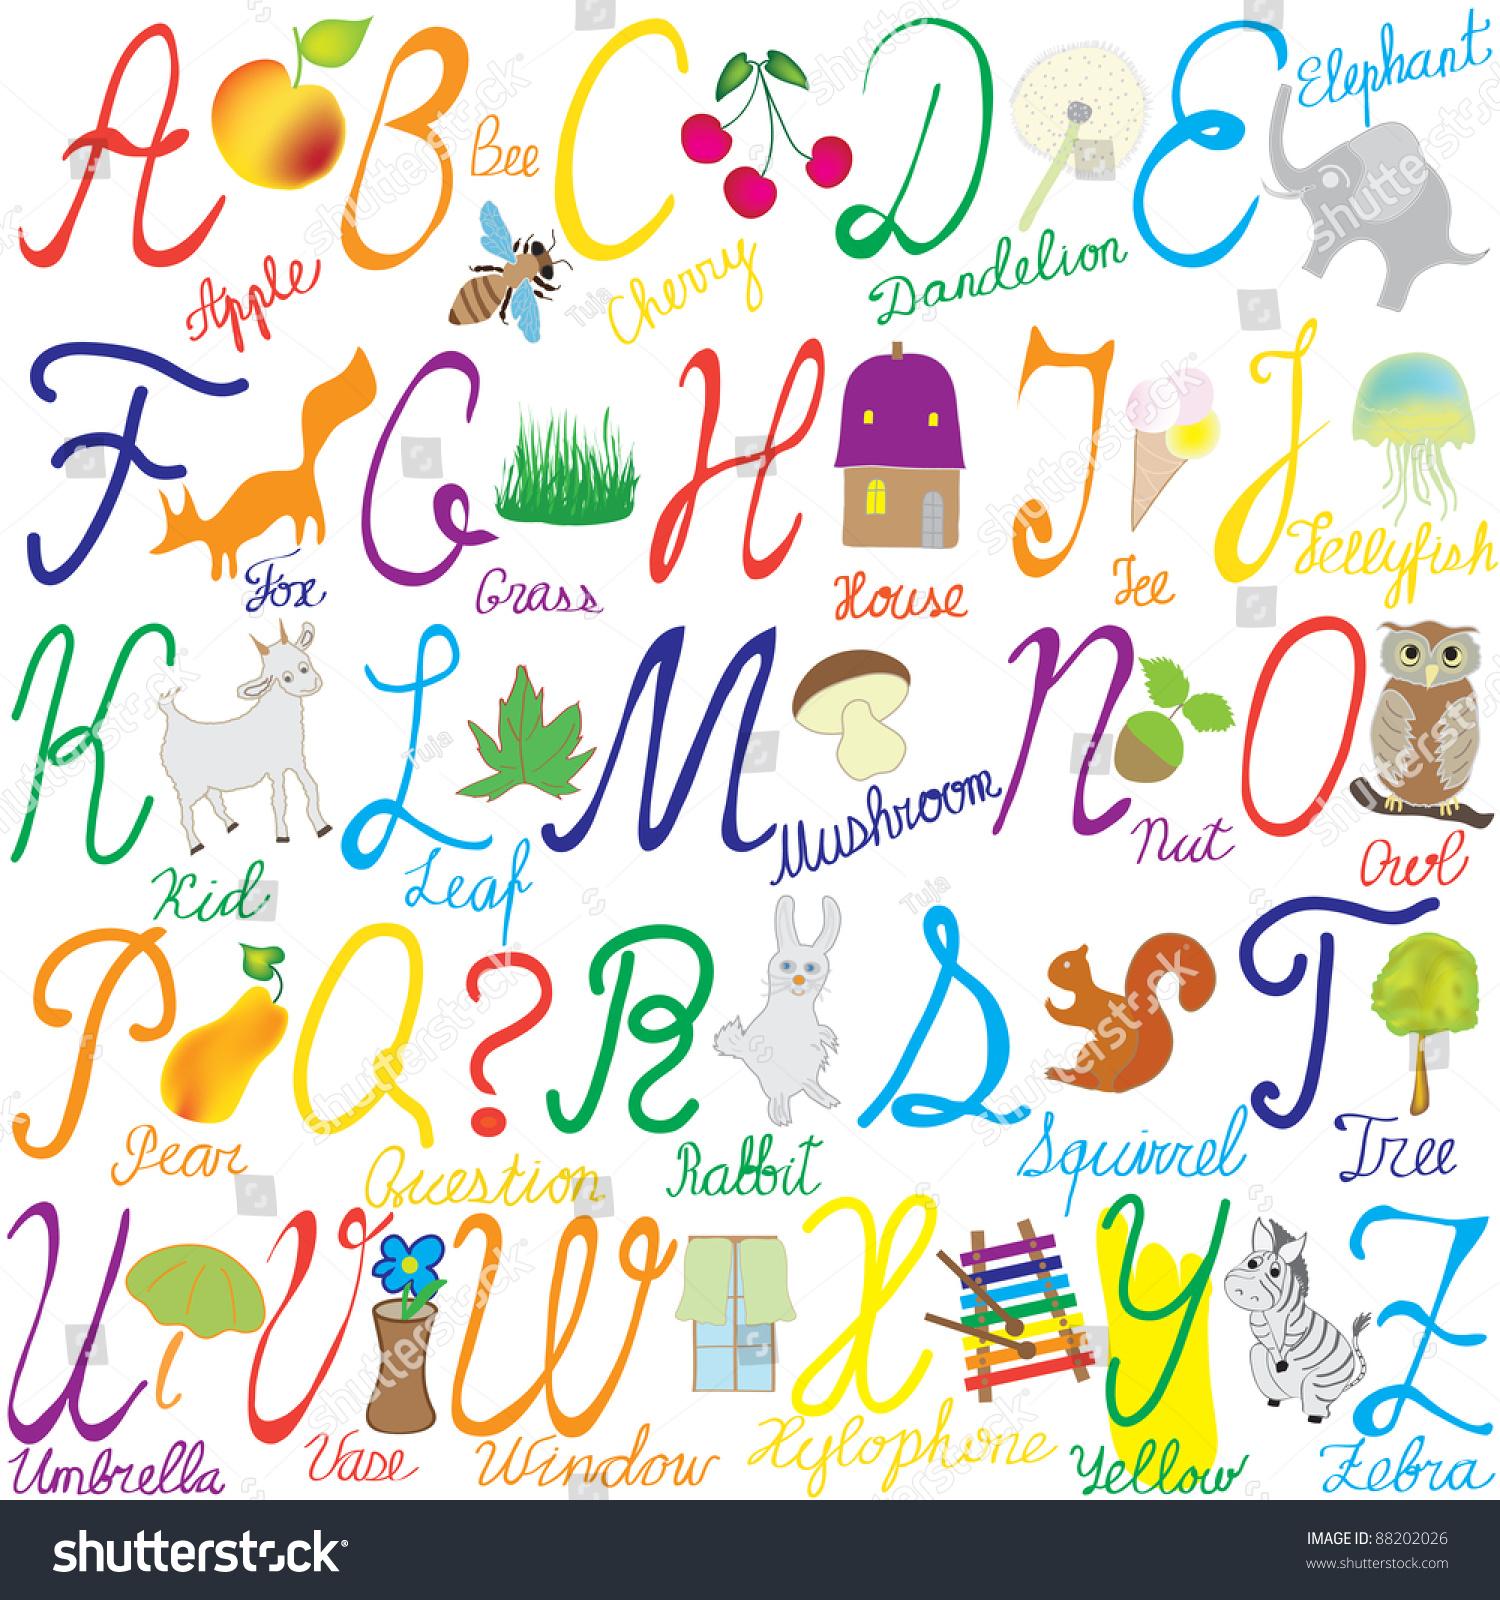 Alphabet Letters V Printable Letter V Alphabets  Alphabet